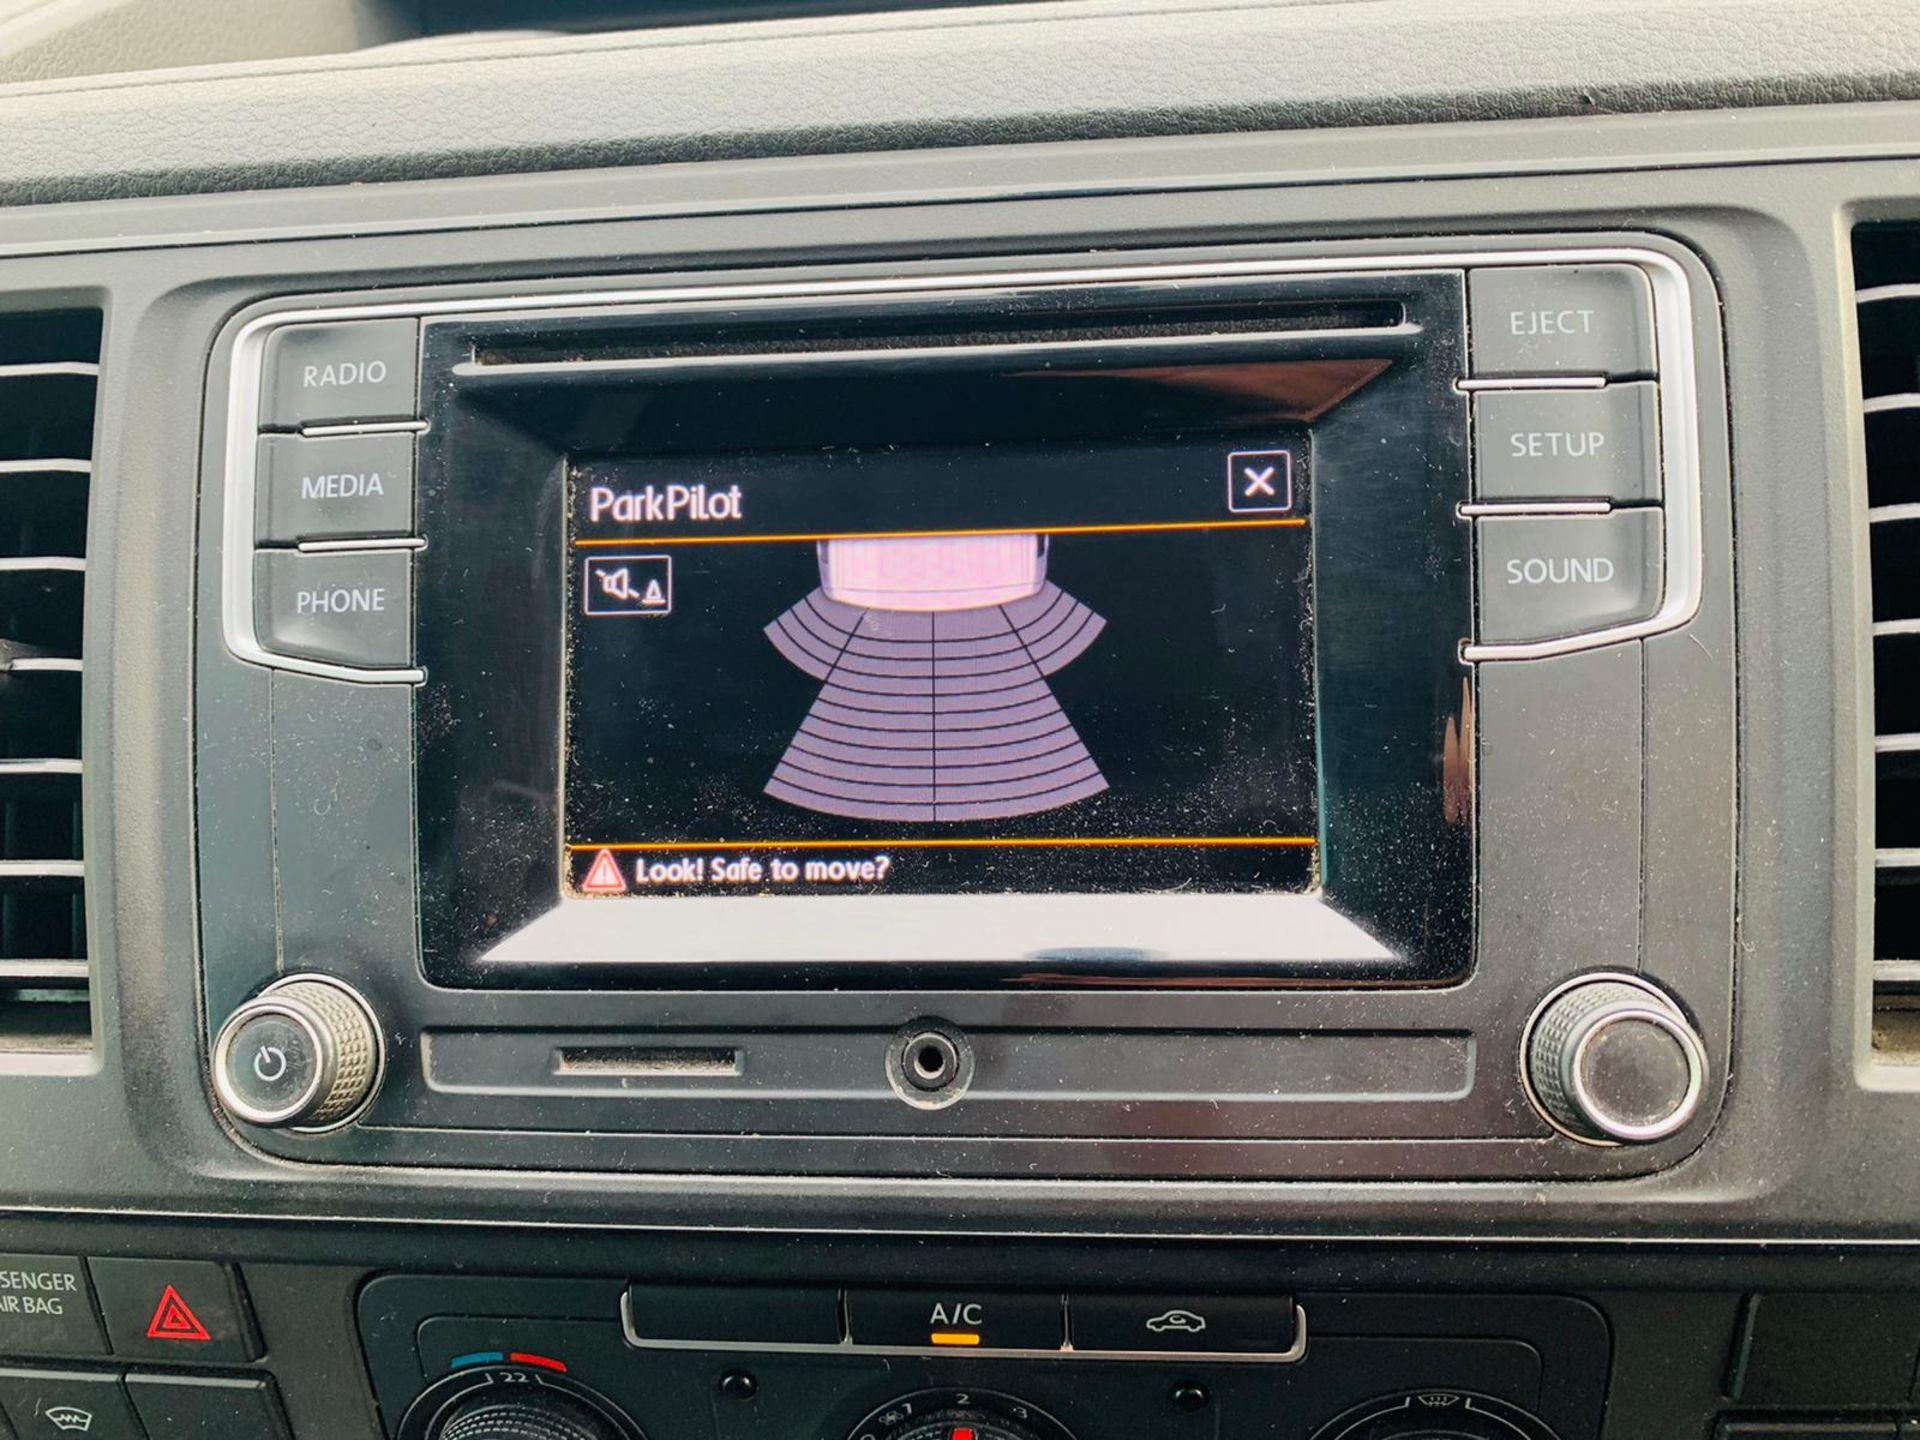 (RESERVE MET) Volkswagen (VW) Transporter 2.0 TDI 150 Highline T28 2018 18 Reg - Parking Sensors - - Image 15 of 23